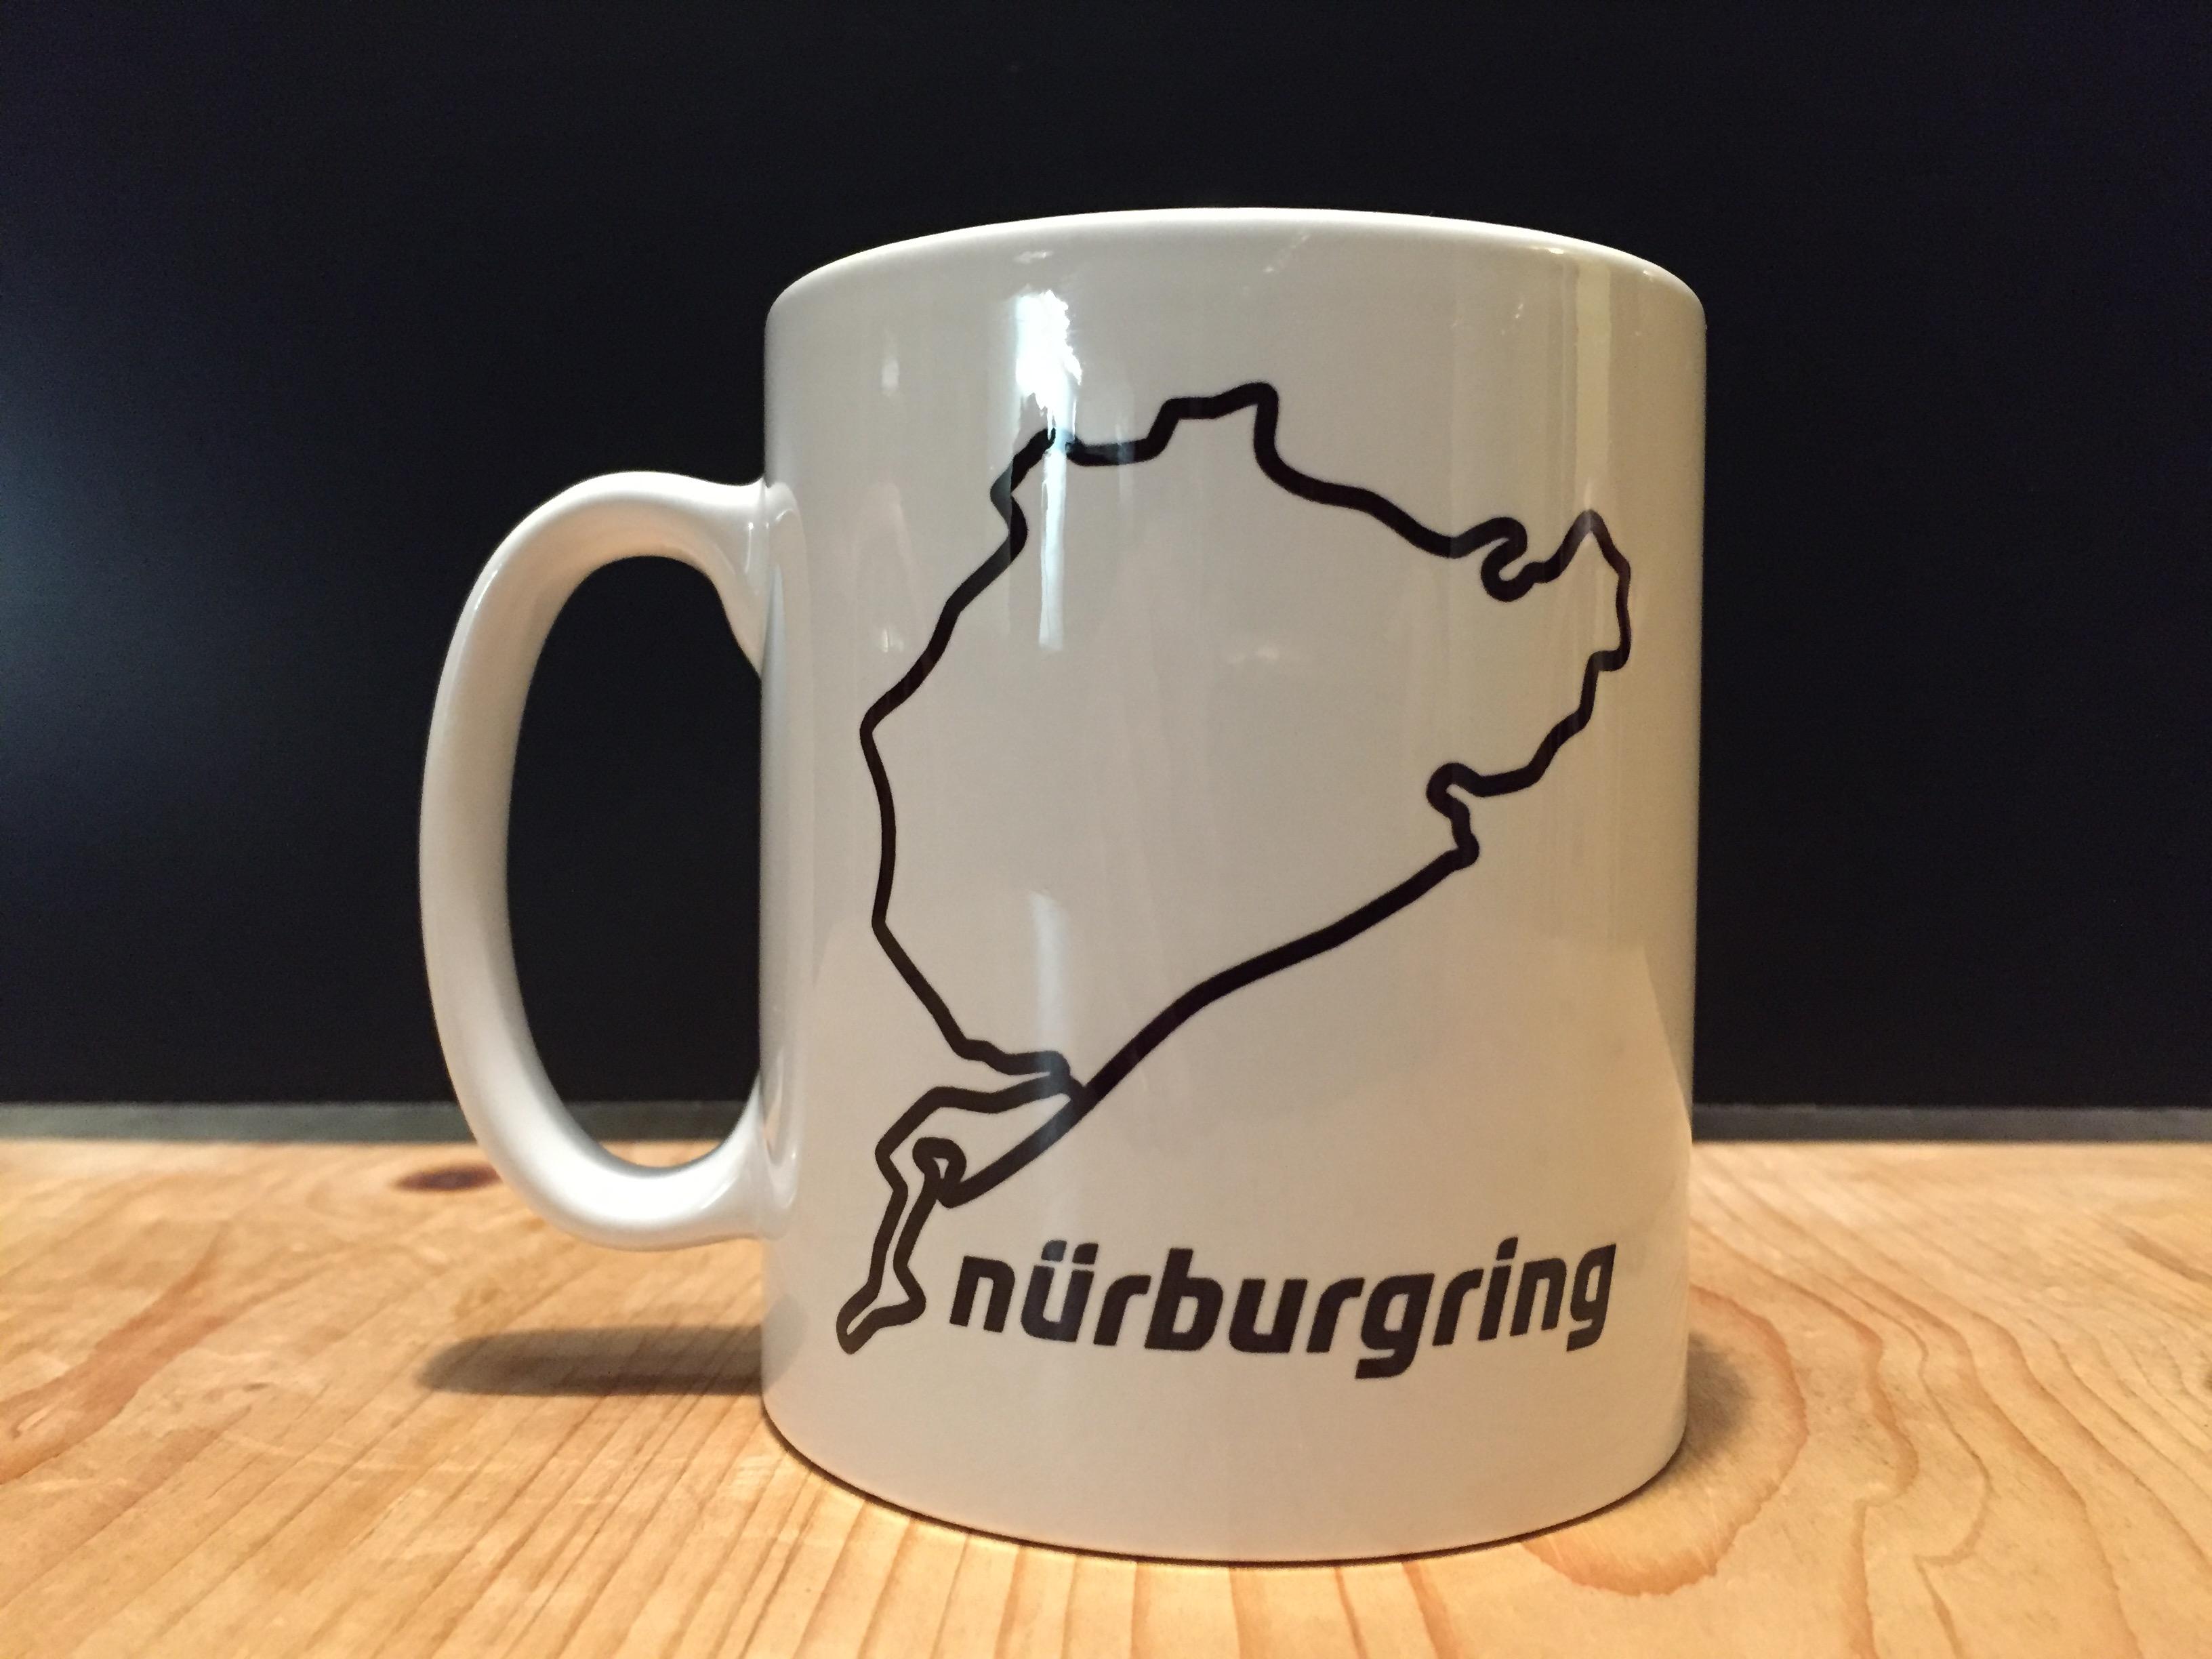 Nurburgring Logo Mug